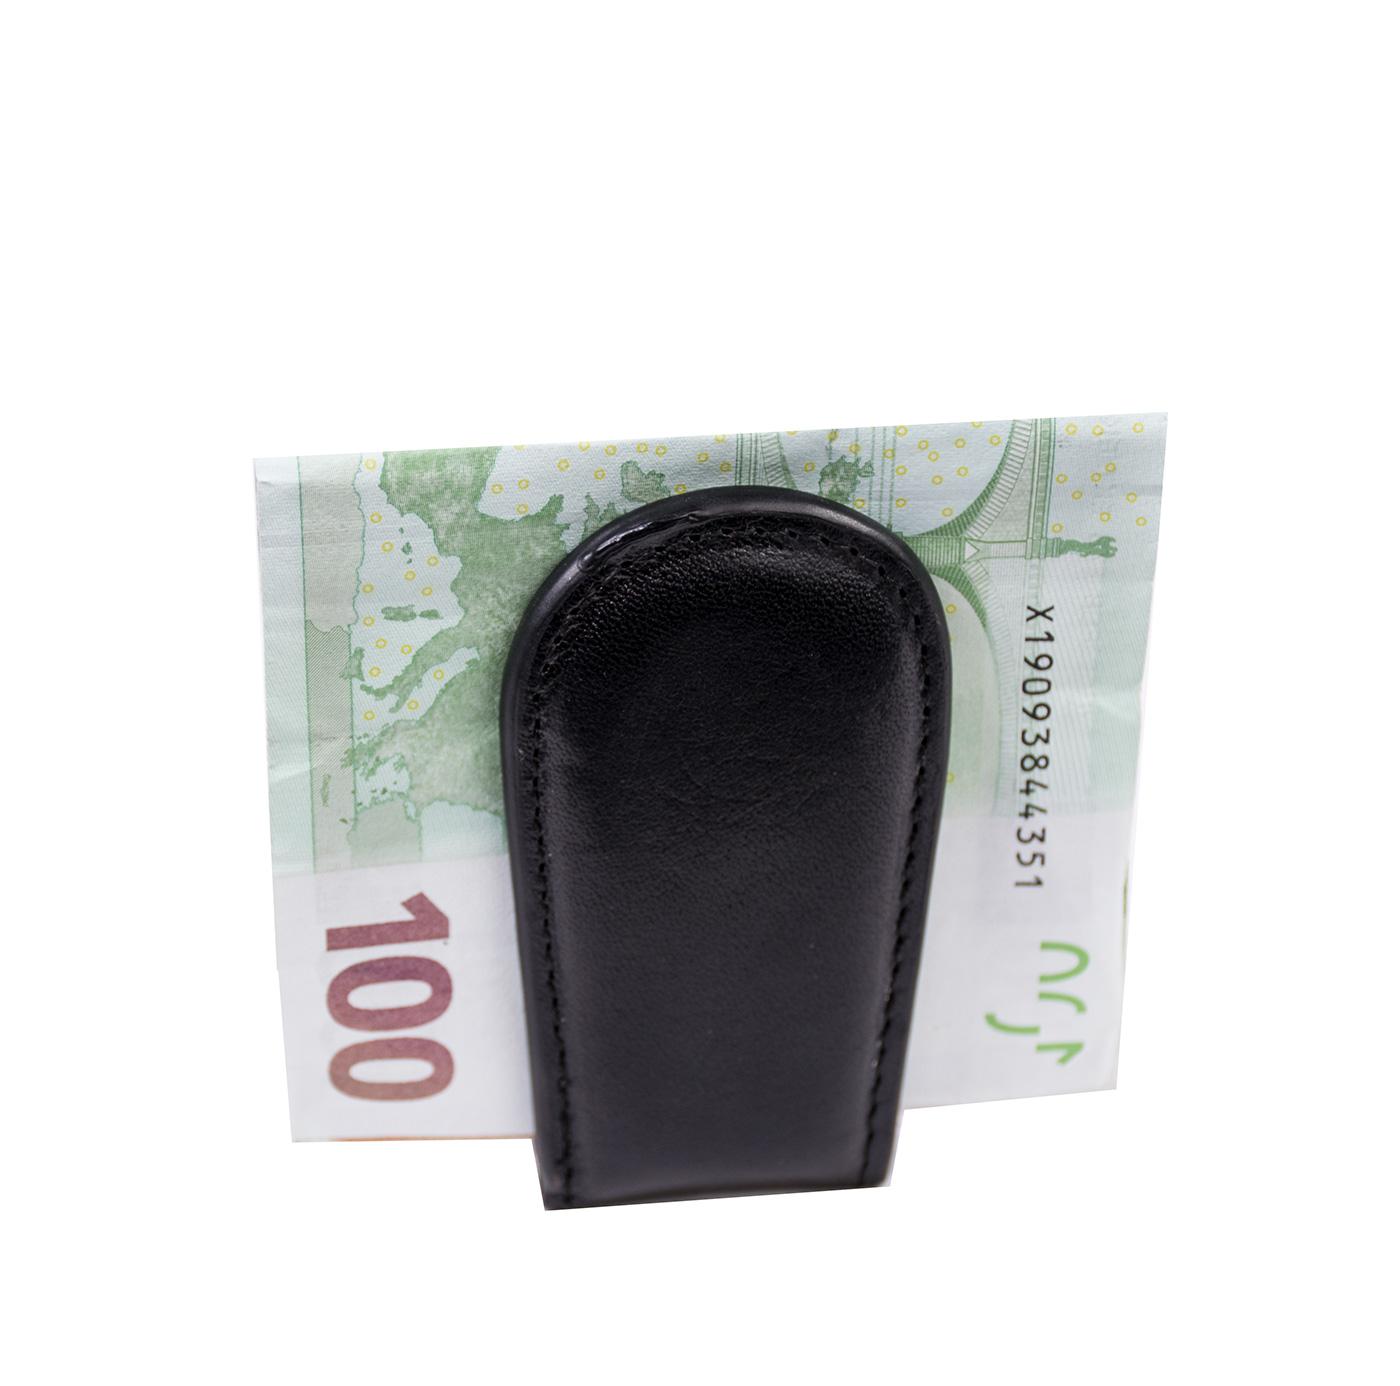 Bags and more Monet Fekete Unisex Pénzcsipesz